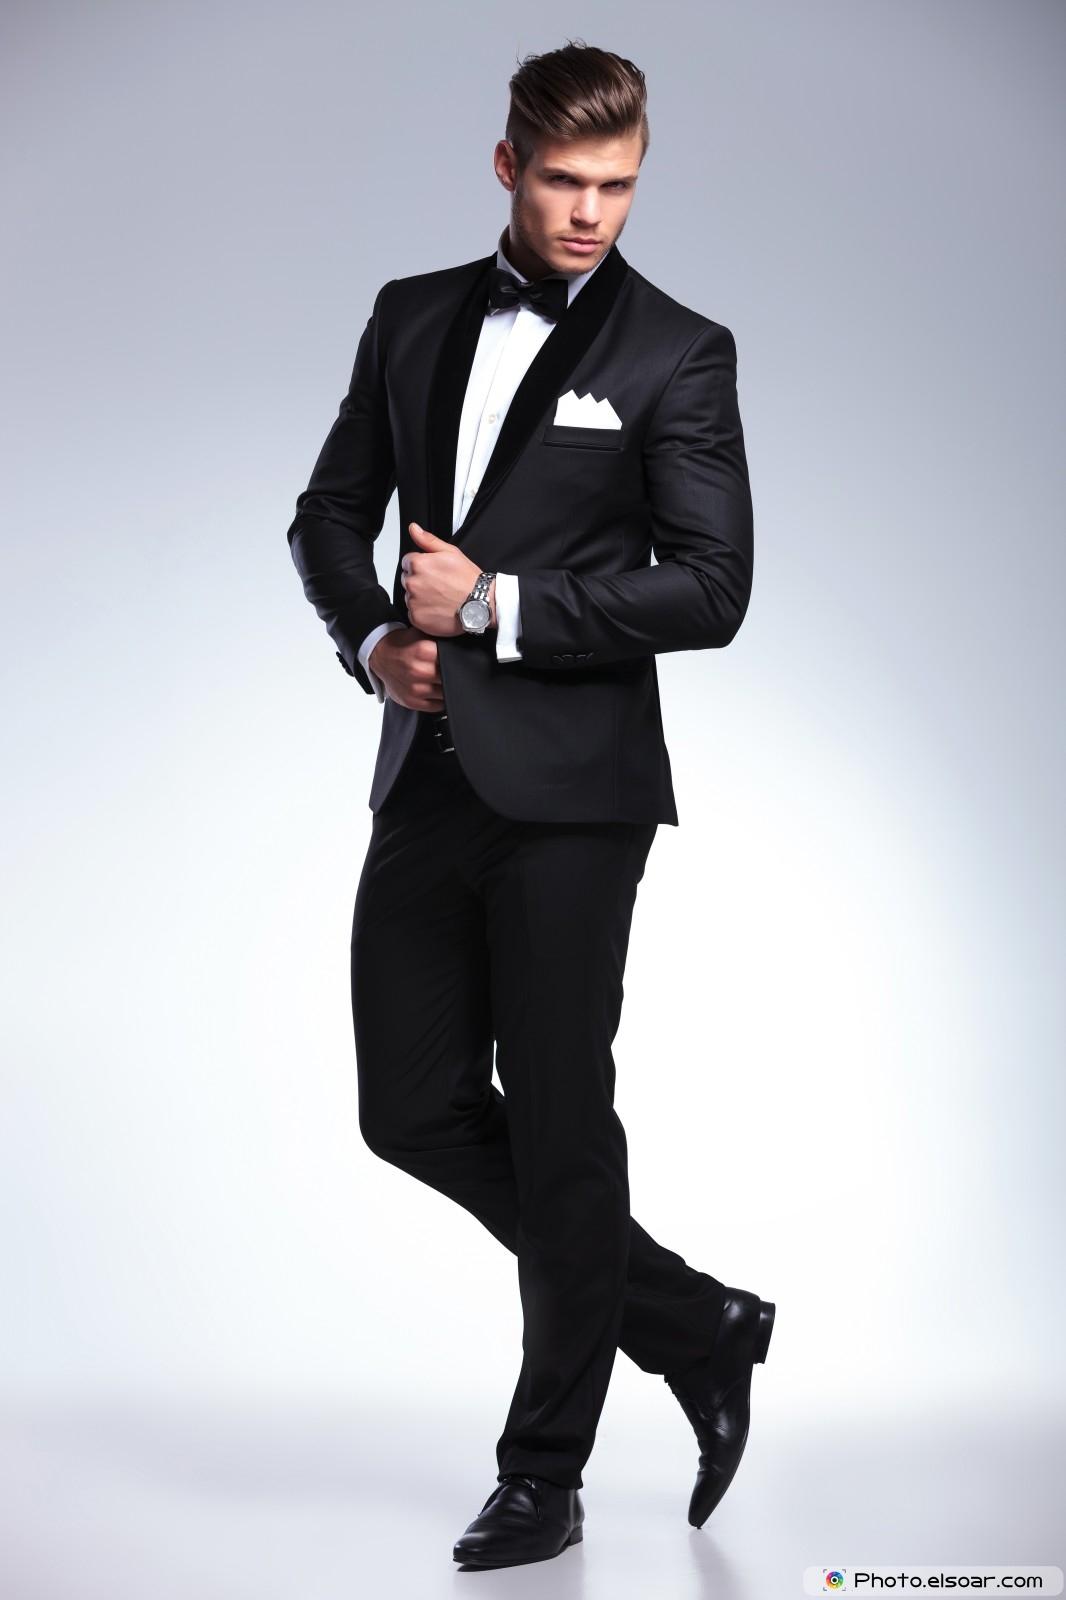 Elegant Young Fashion Man in Tuxedo • Elsoar Tuxedo Shirt